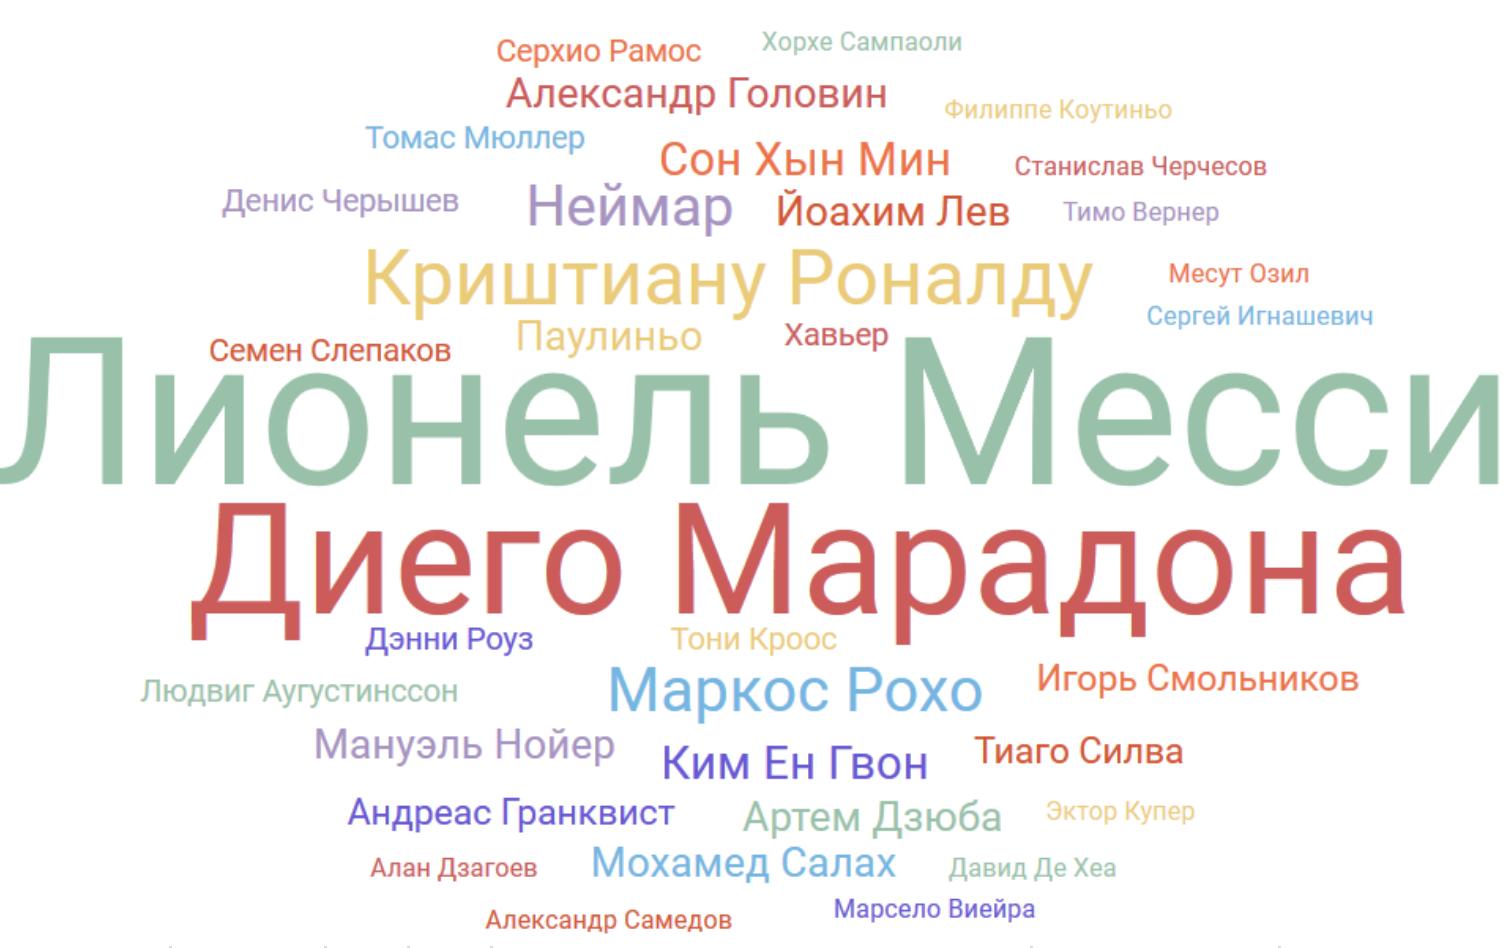 Облако персон ЧМ-2018, русский